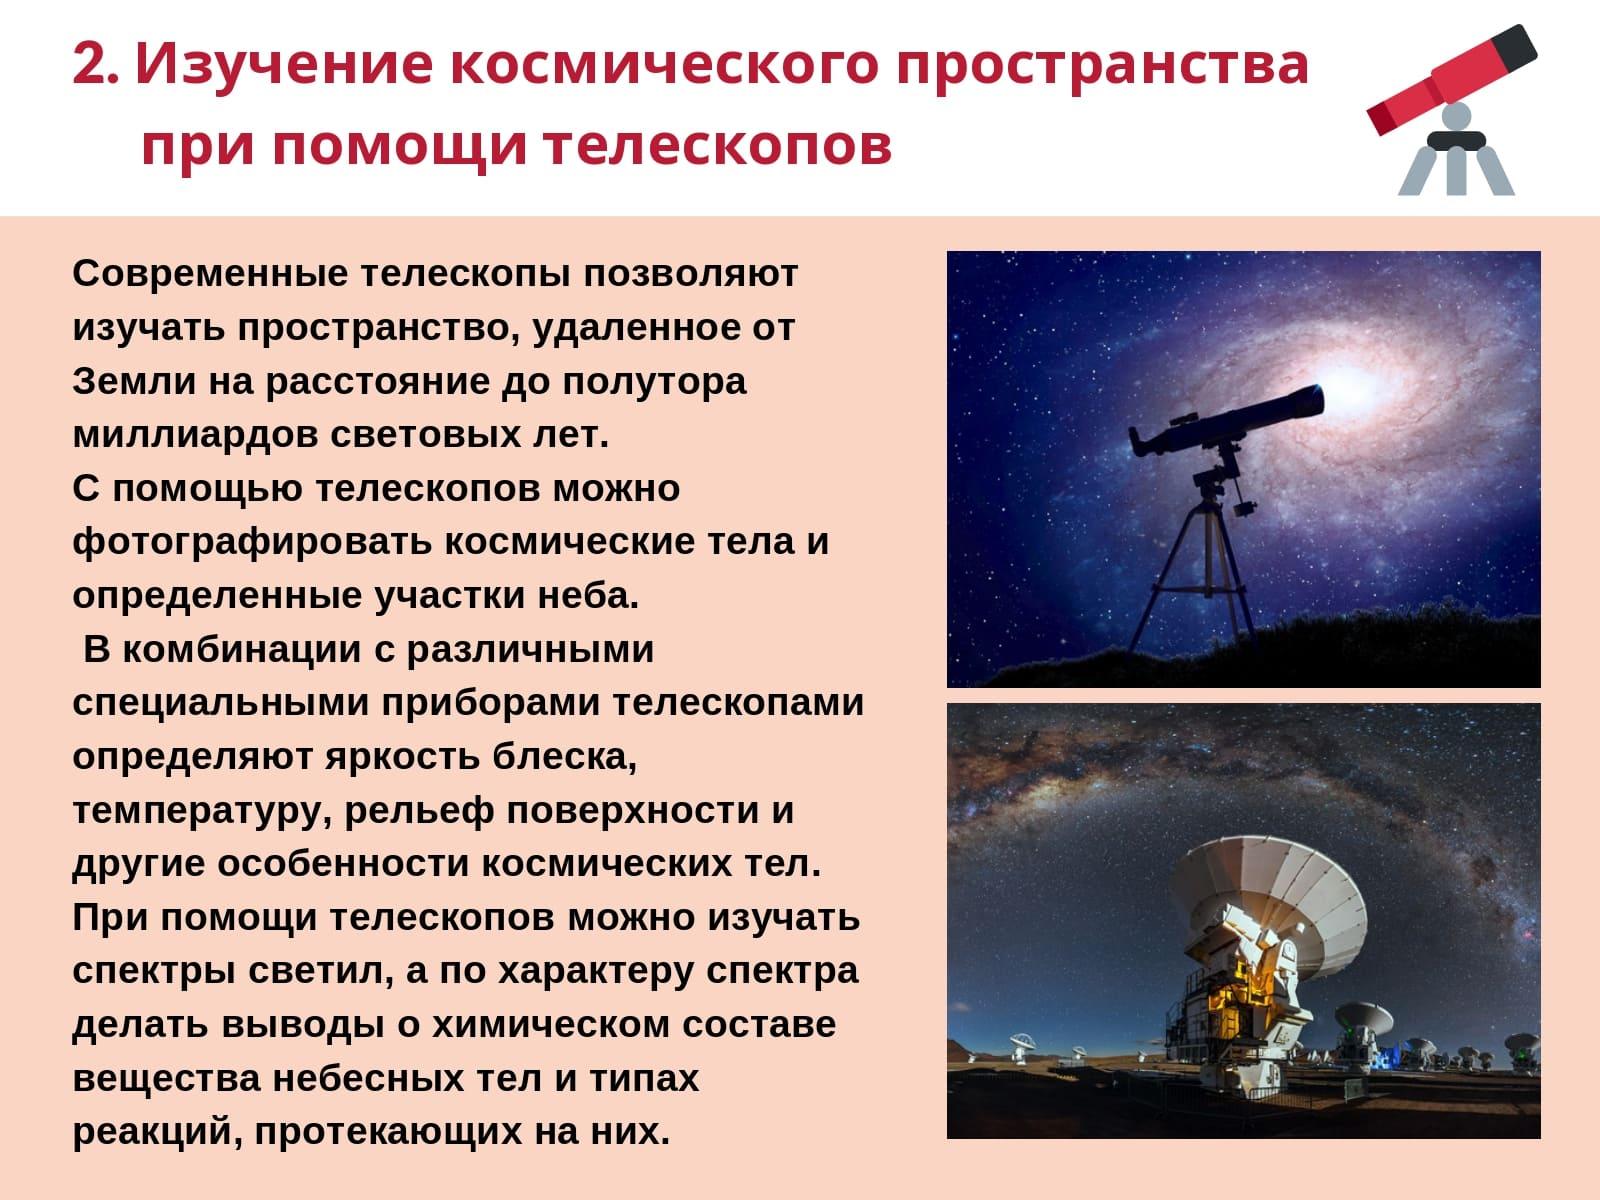 изучение космического пространства